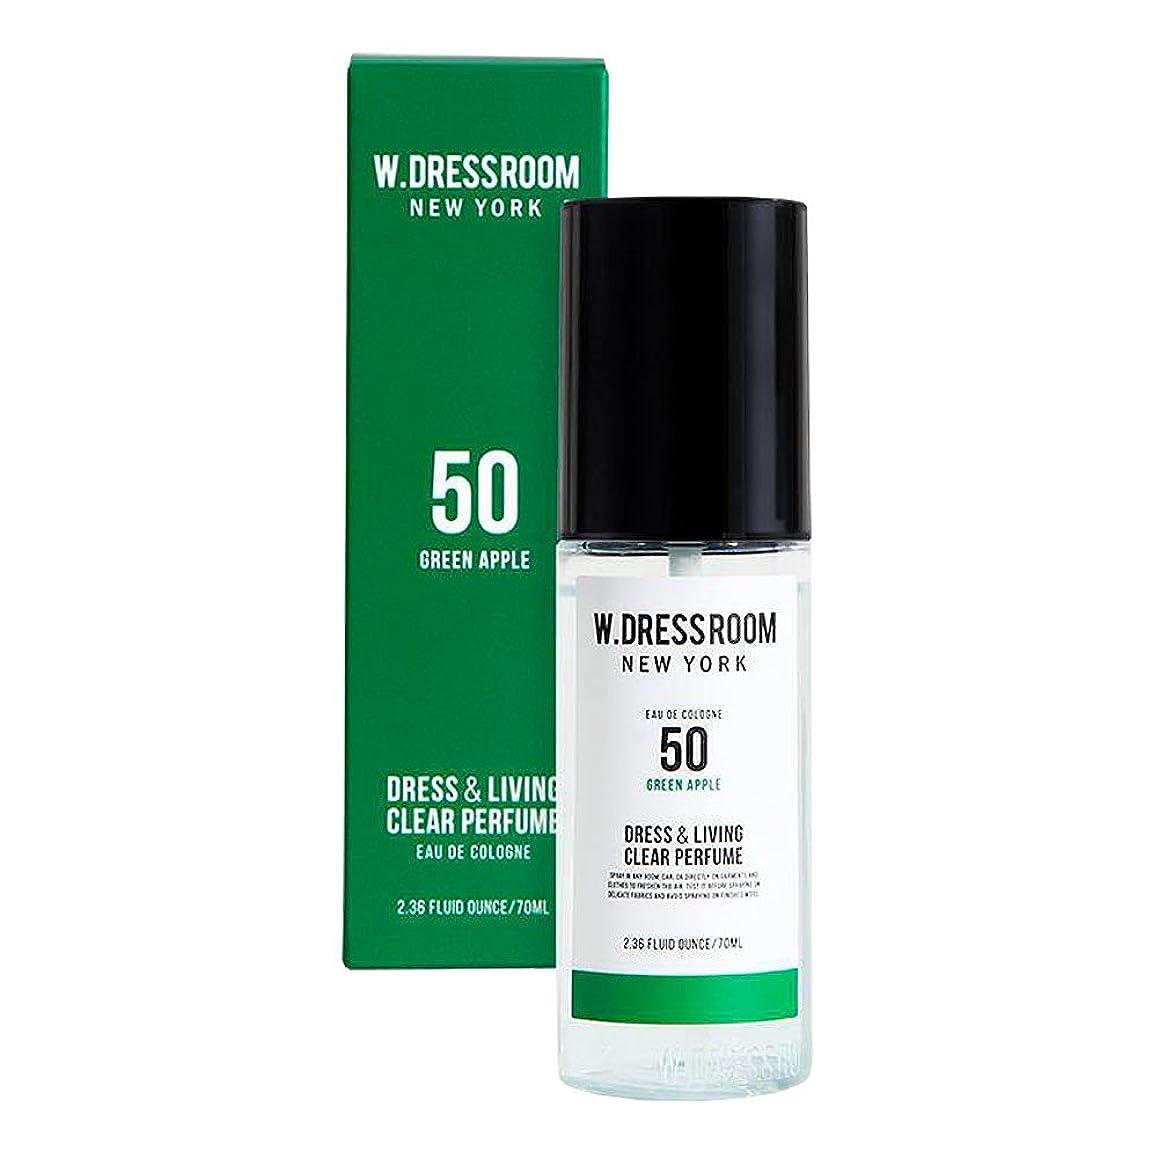 早熟が欲しい症状W.DRESSROOM Dress & Living Clear Perfume fragrance 70ml (#No.50 Green Apple)/ダブルドレスルーム ドレス&リビング クリア パフューム 70ml (#No.50 Green Apple)